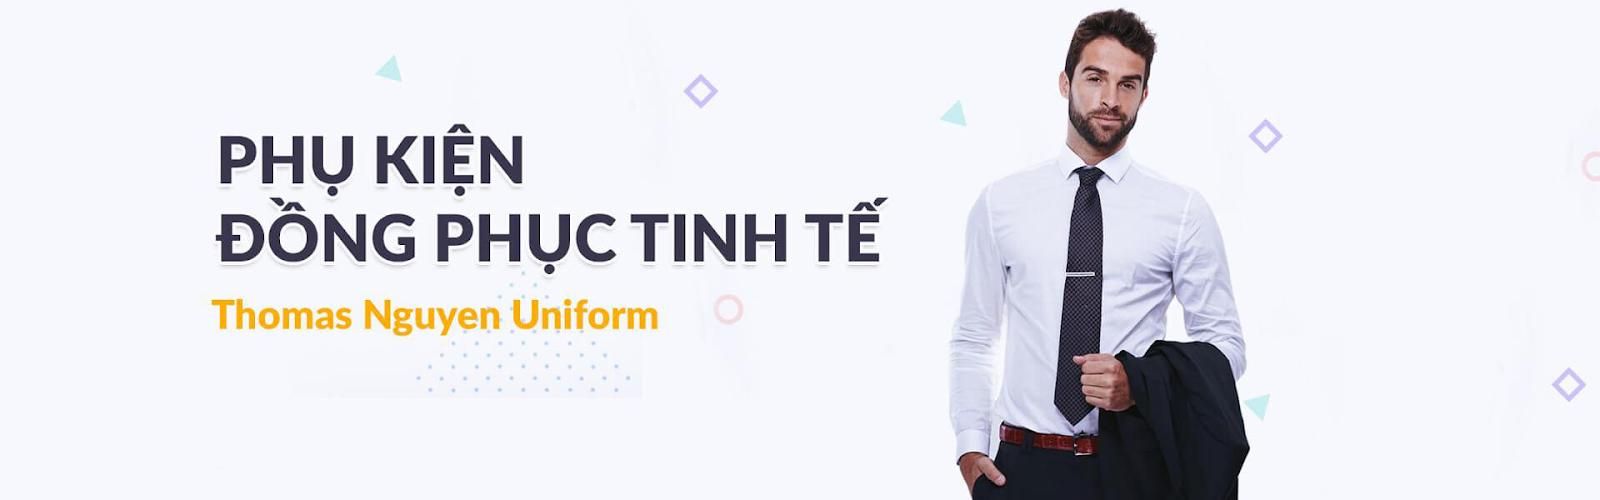 Phụ kiện đồng phục nam tinh tế tại Thomas Nguyen